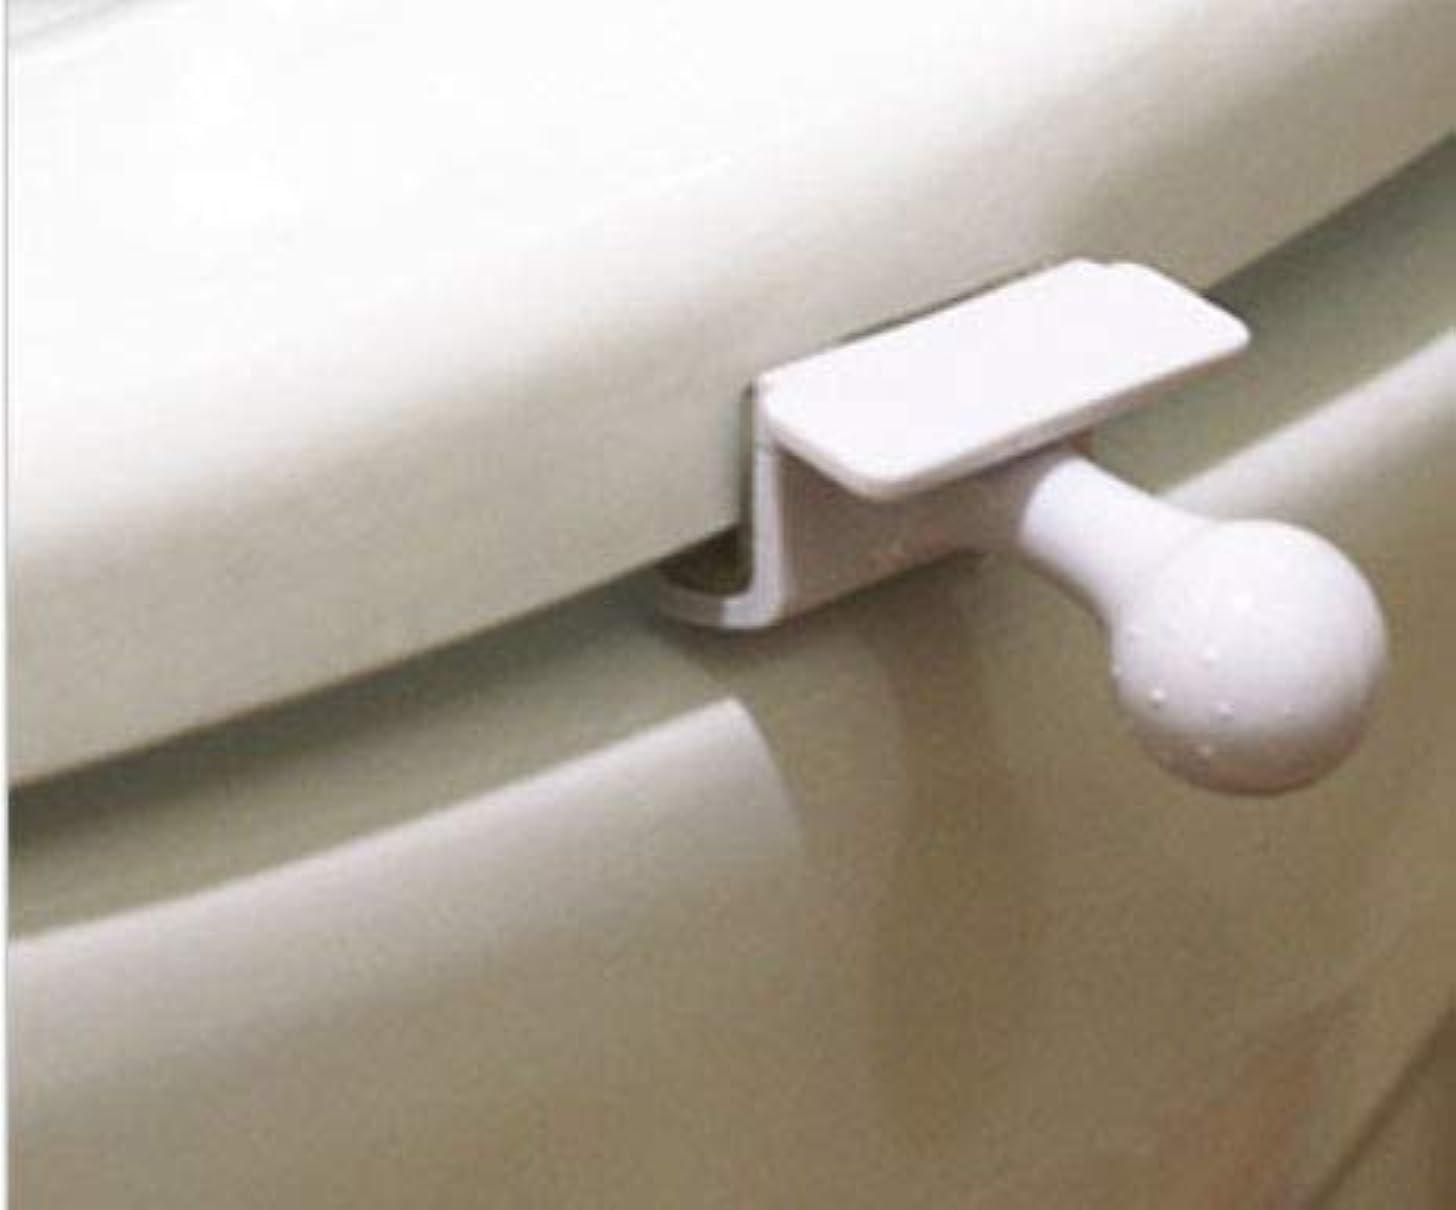 南プラカードクリエイティブ切手を貼り郵便局発送、トイレ 便座 取っ手 除菌 トイレ便座とって 便座ハンドル 開閉、トイレを使用する時、蓋を持ち上げる時の不愉快さを なくす、トイレの蓋を取る器具